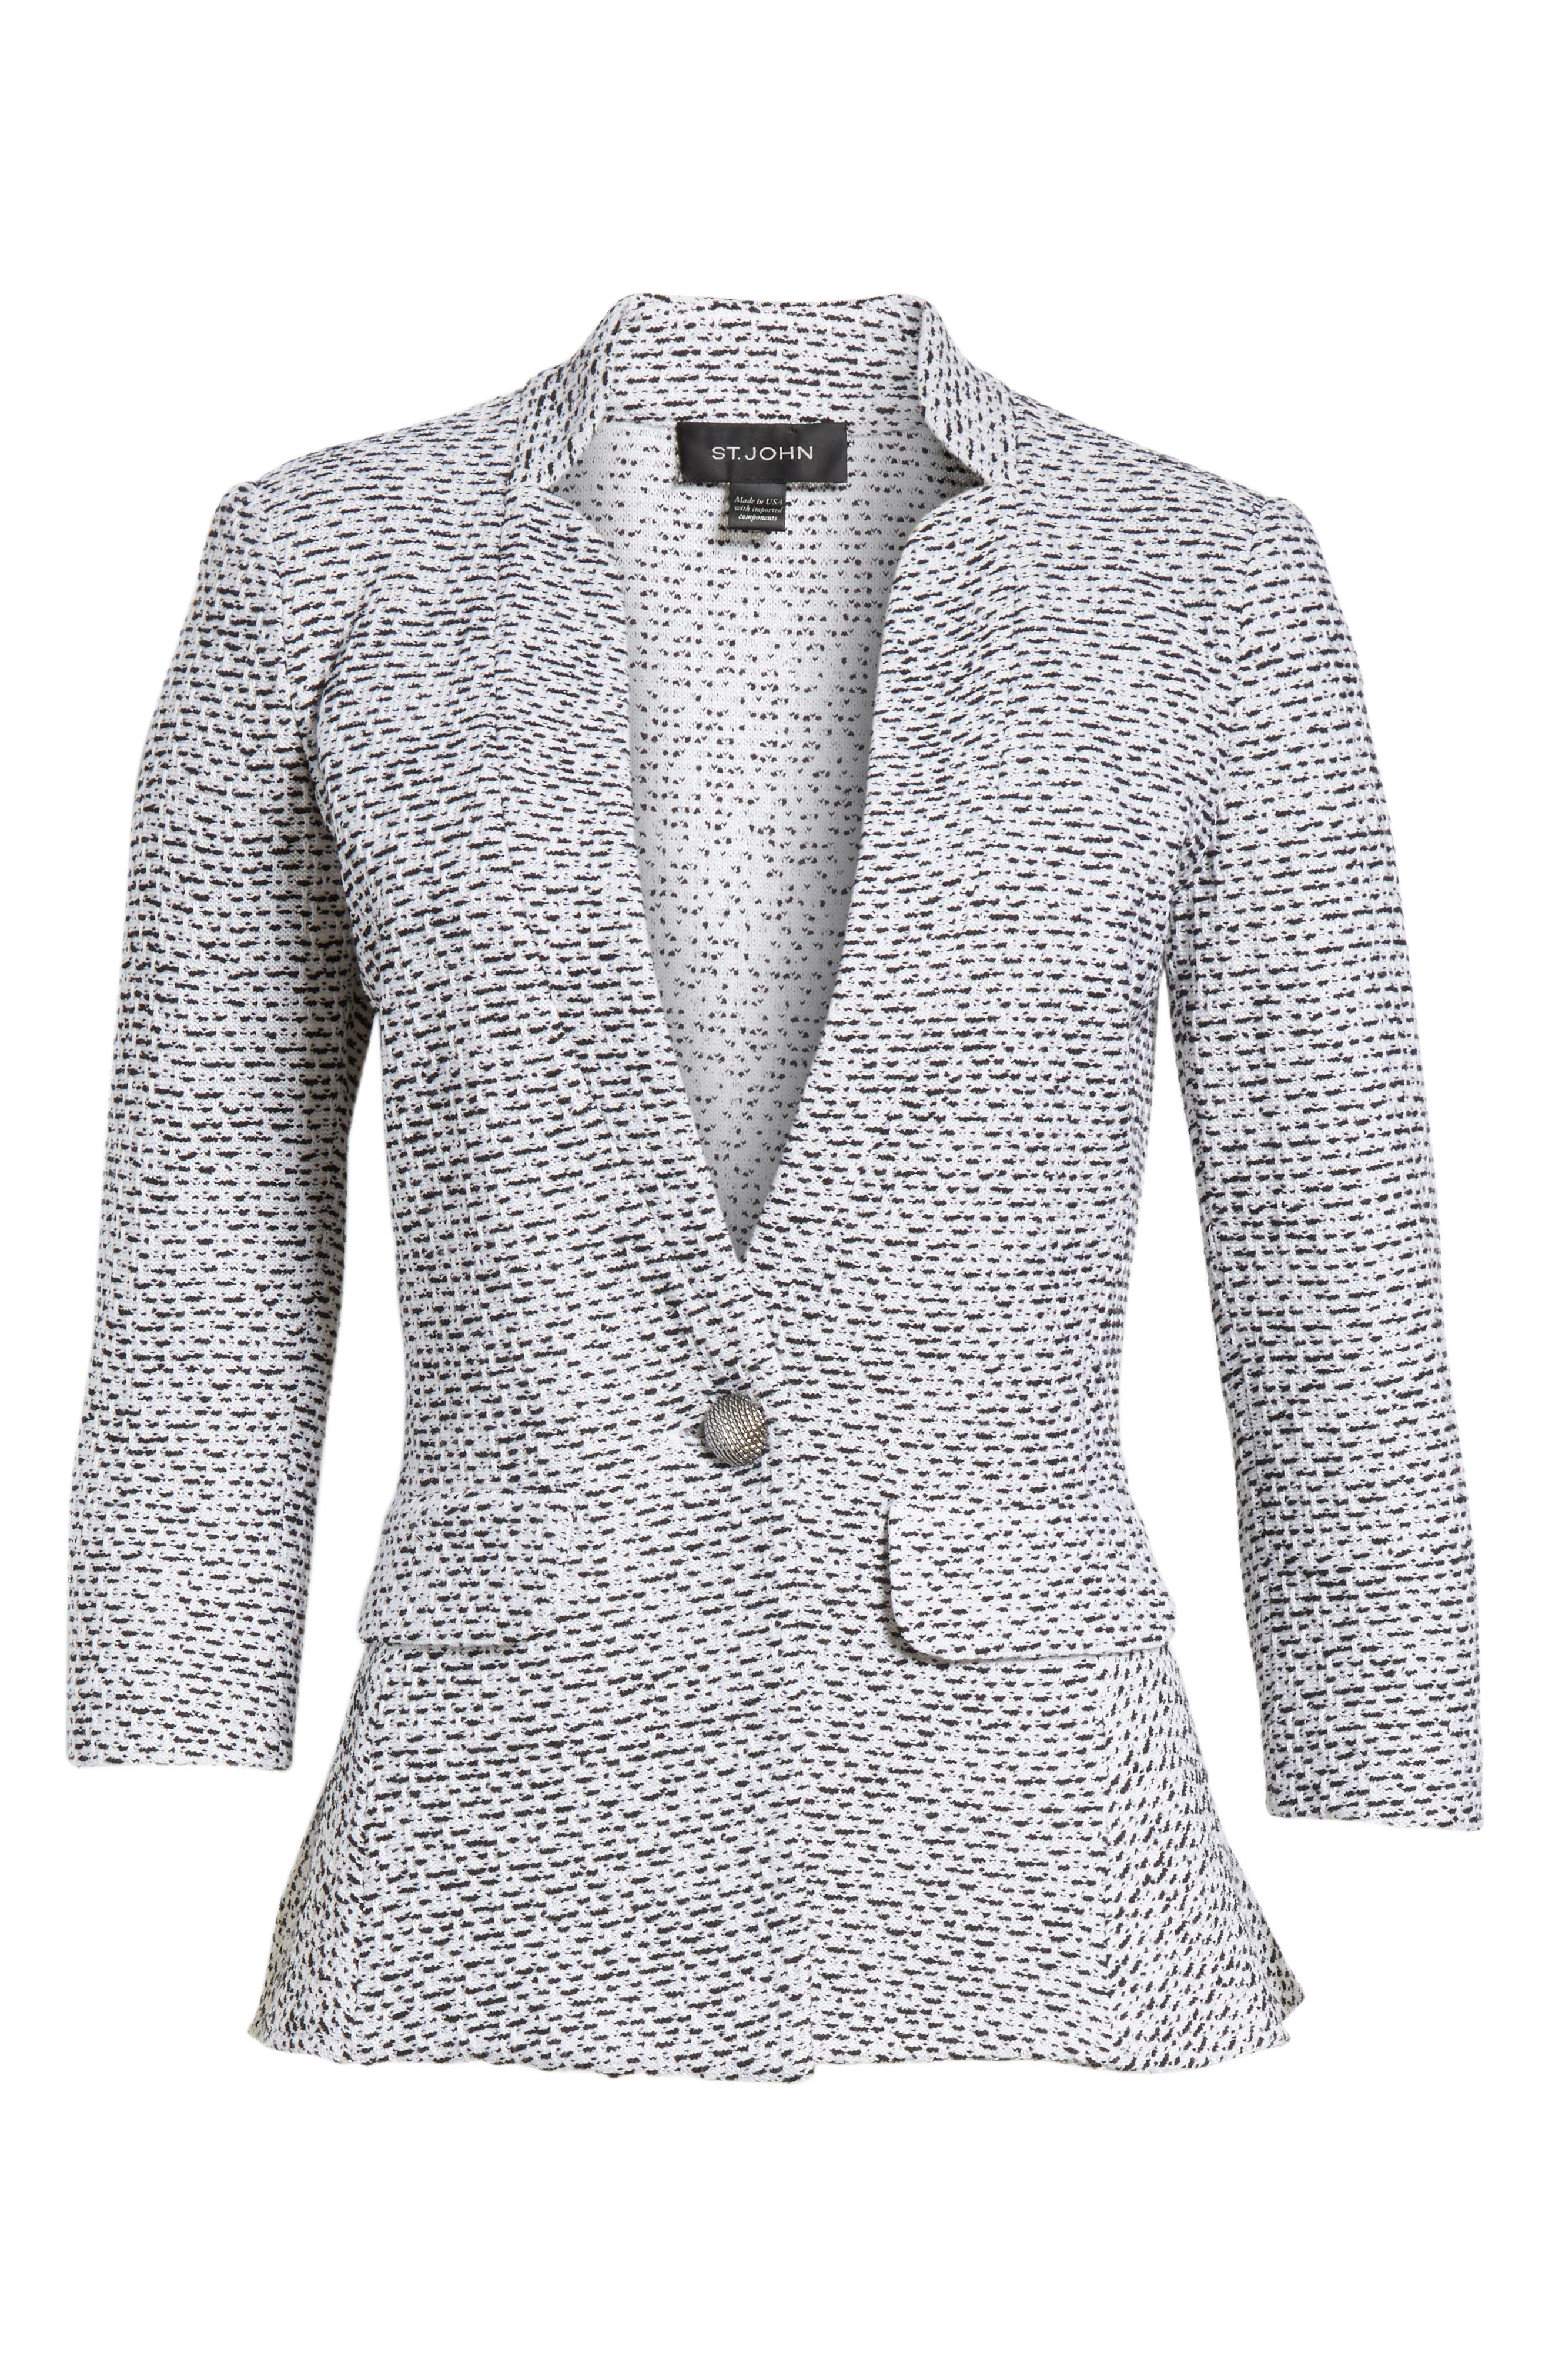 Olivia Bouclé Knit Jacket,                             Alternate thumbnail 6, color,                             WHITE/ CAVIAR